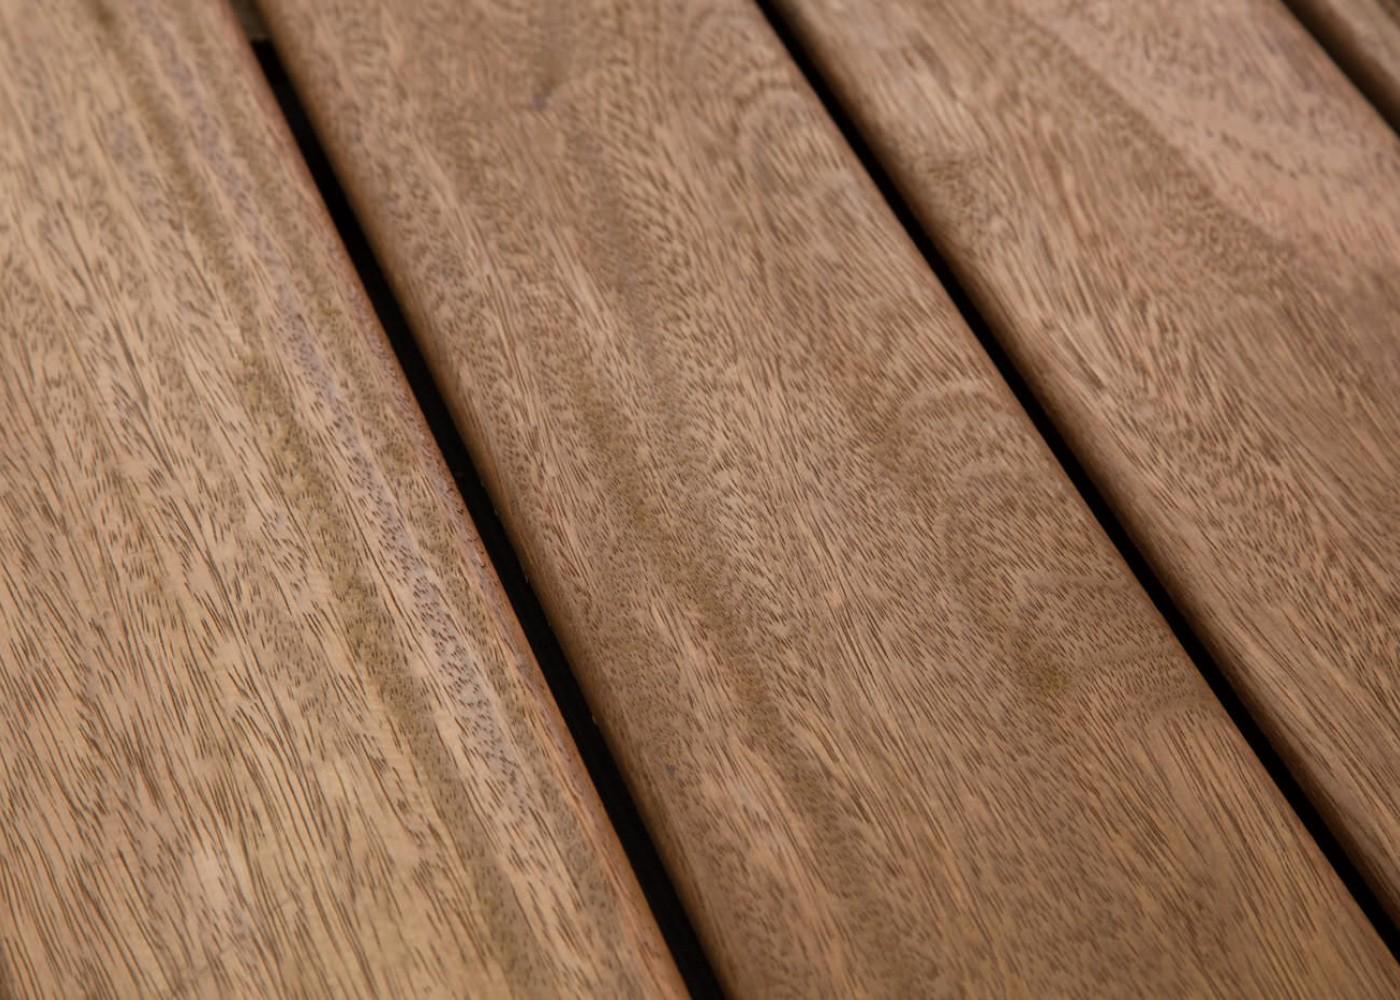 Elondo choix courant fixation invisible 1 face lisse - rainure et languette en bout - (longueurs 30 % de 800 à 1500 mm et 70 % +de 1600mm) 21x125x800-2000